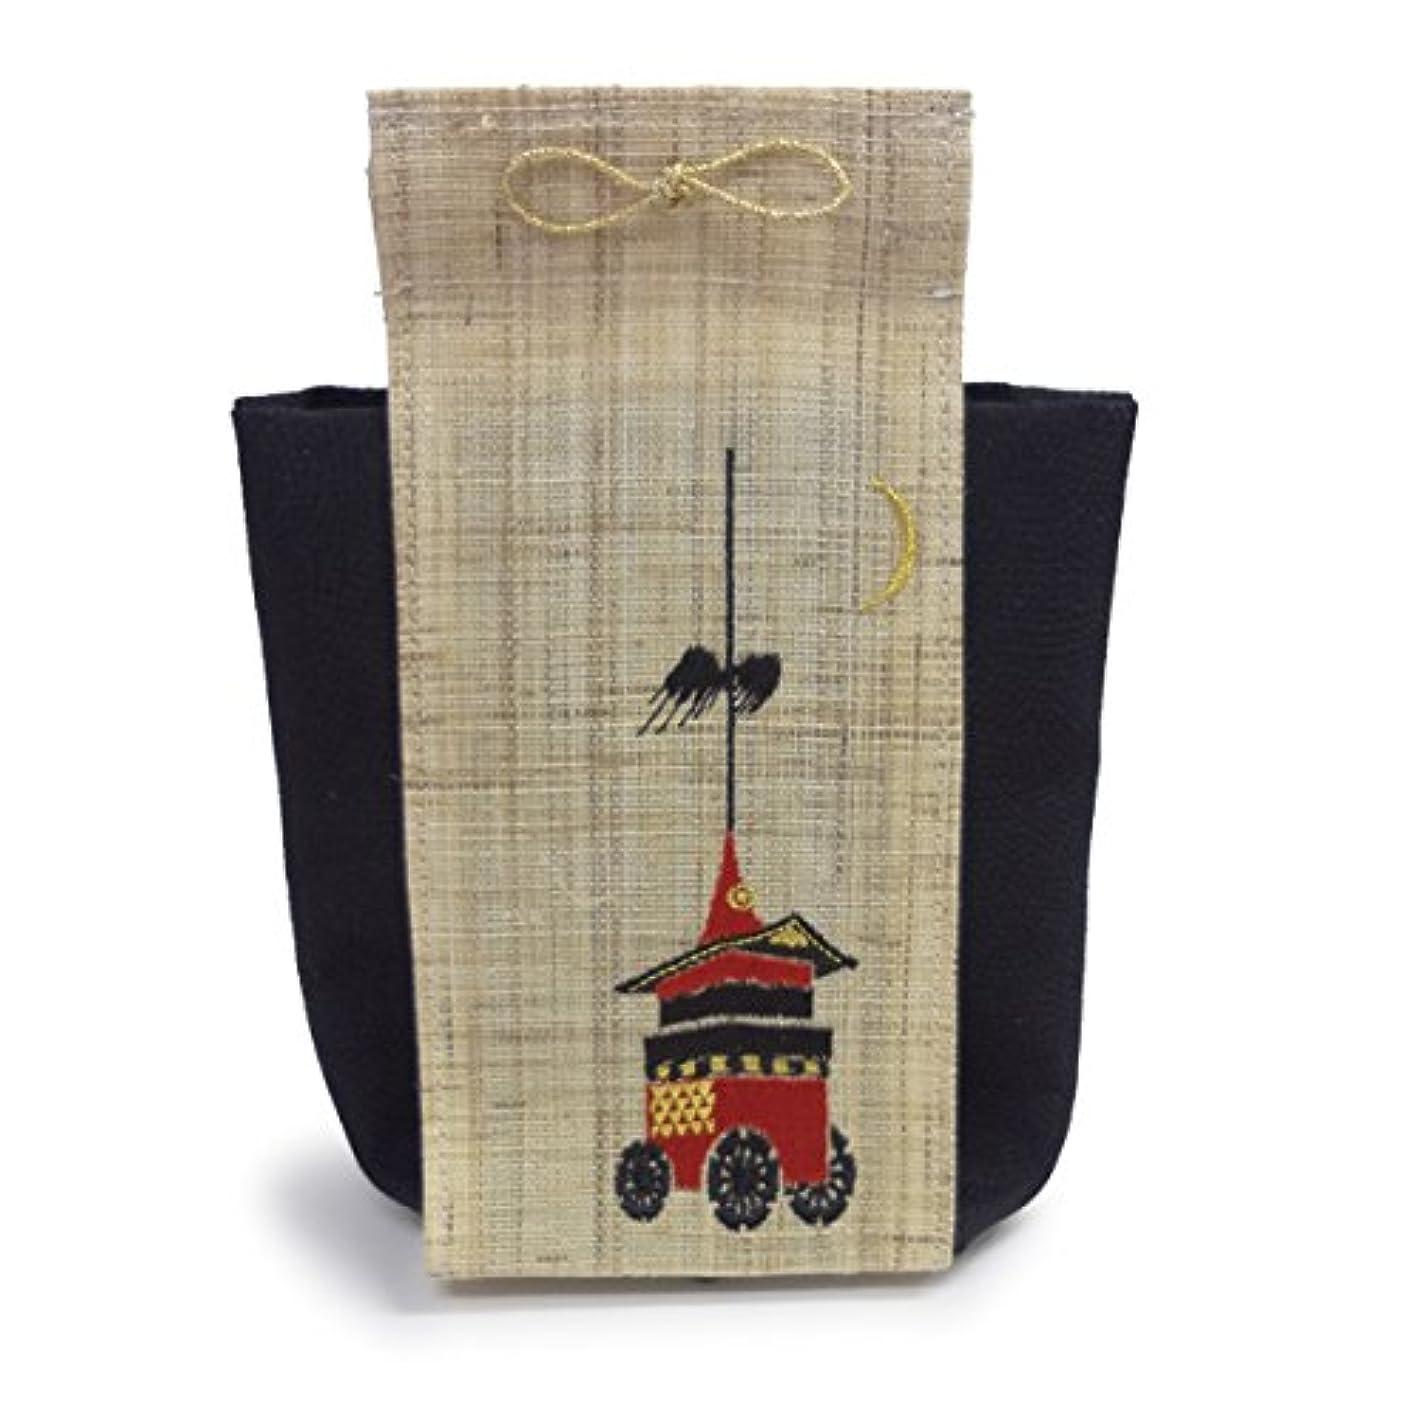 通行料金十分な痛い香飾り 京の風物詩 祇園祭